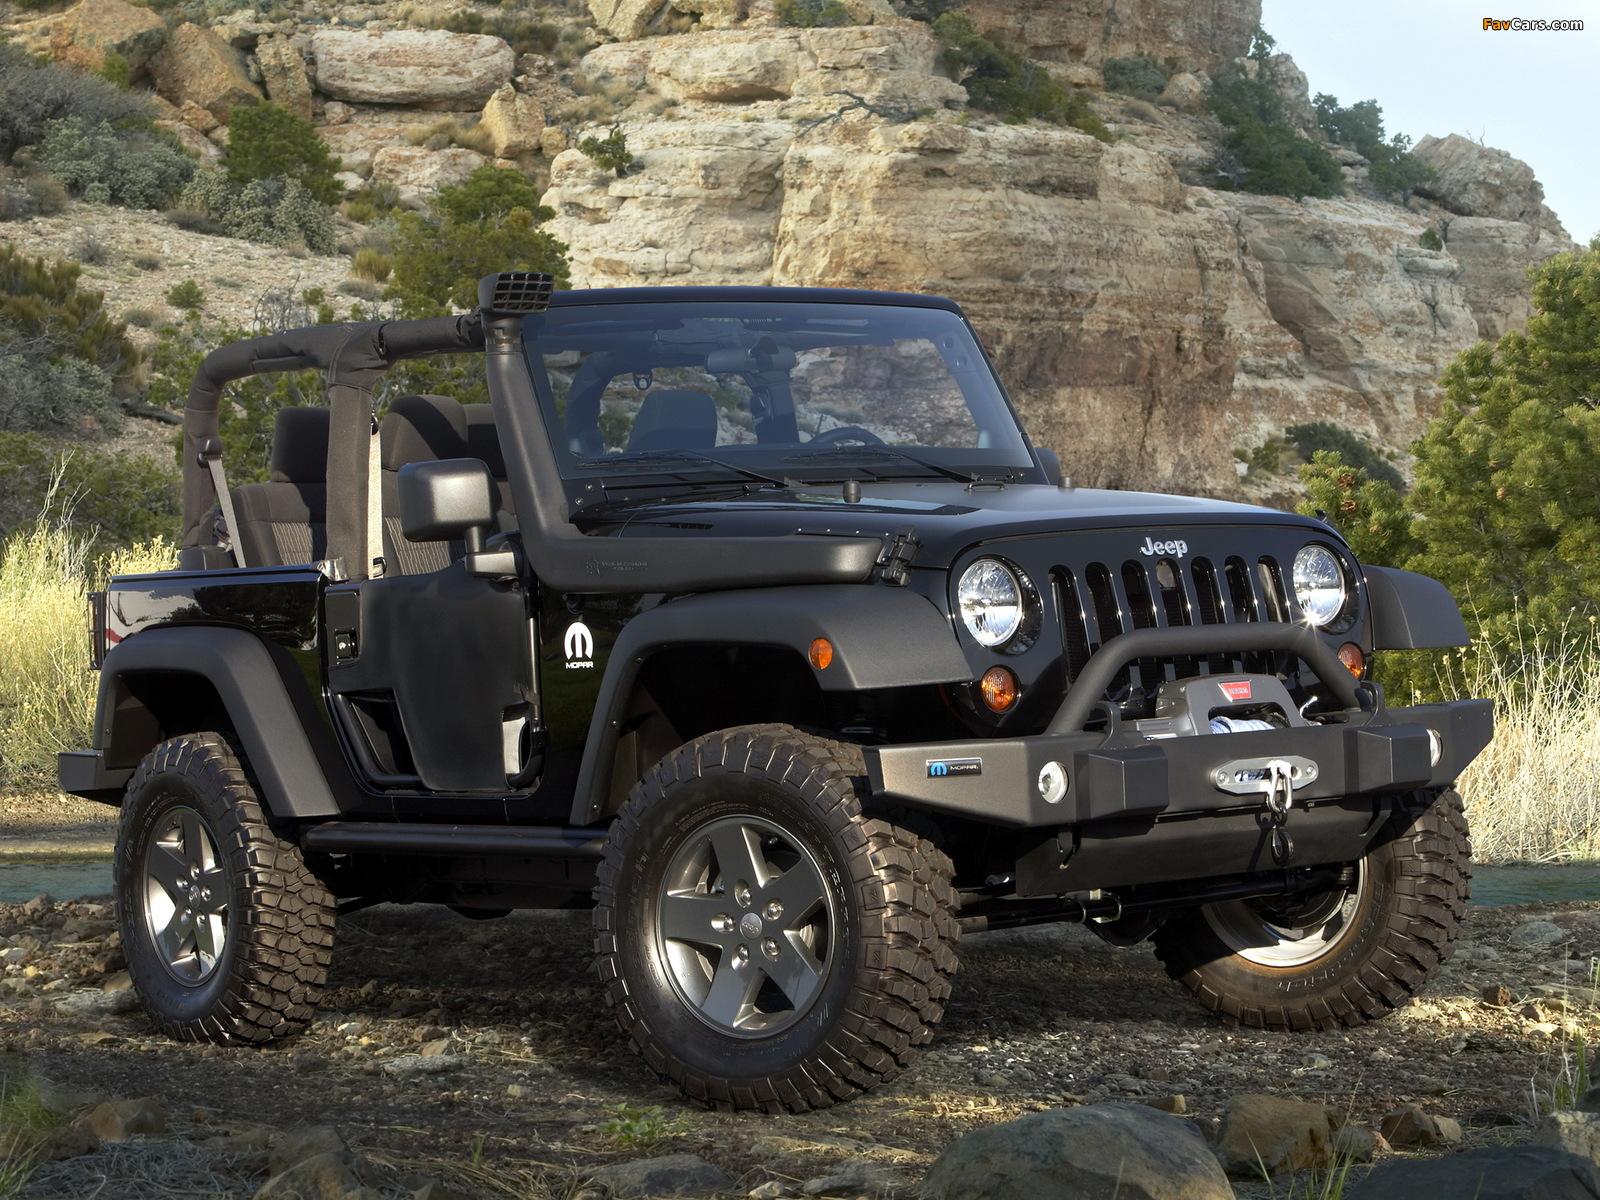 Mopar Jeep Wrangler (JK) 2011 photos (1600 x 1200)